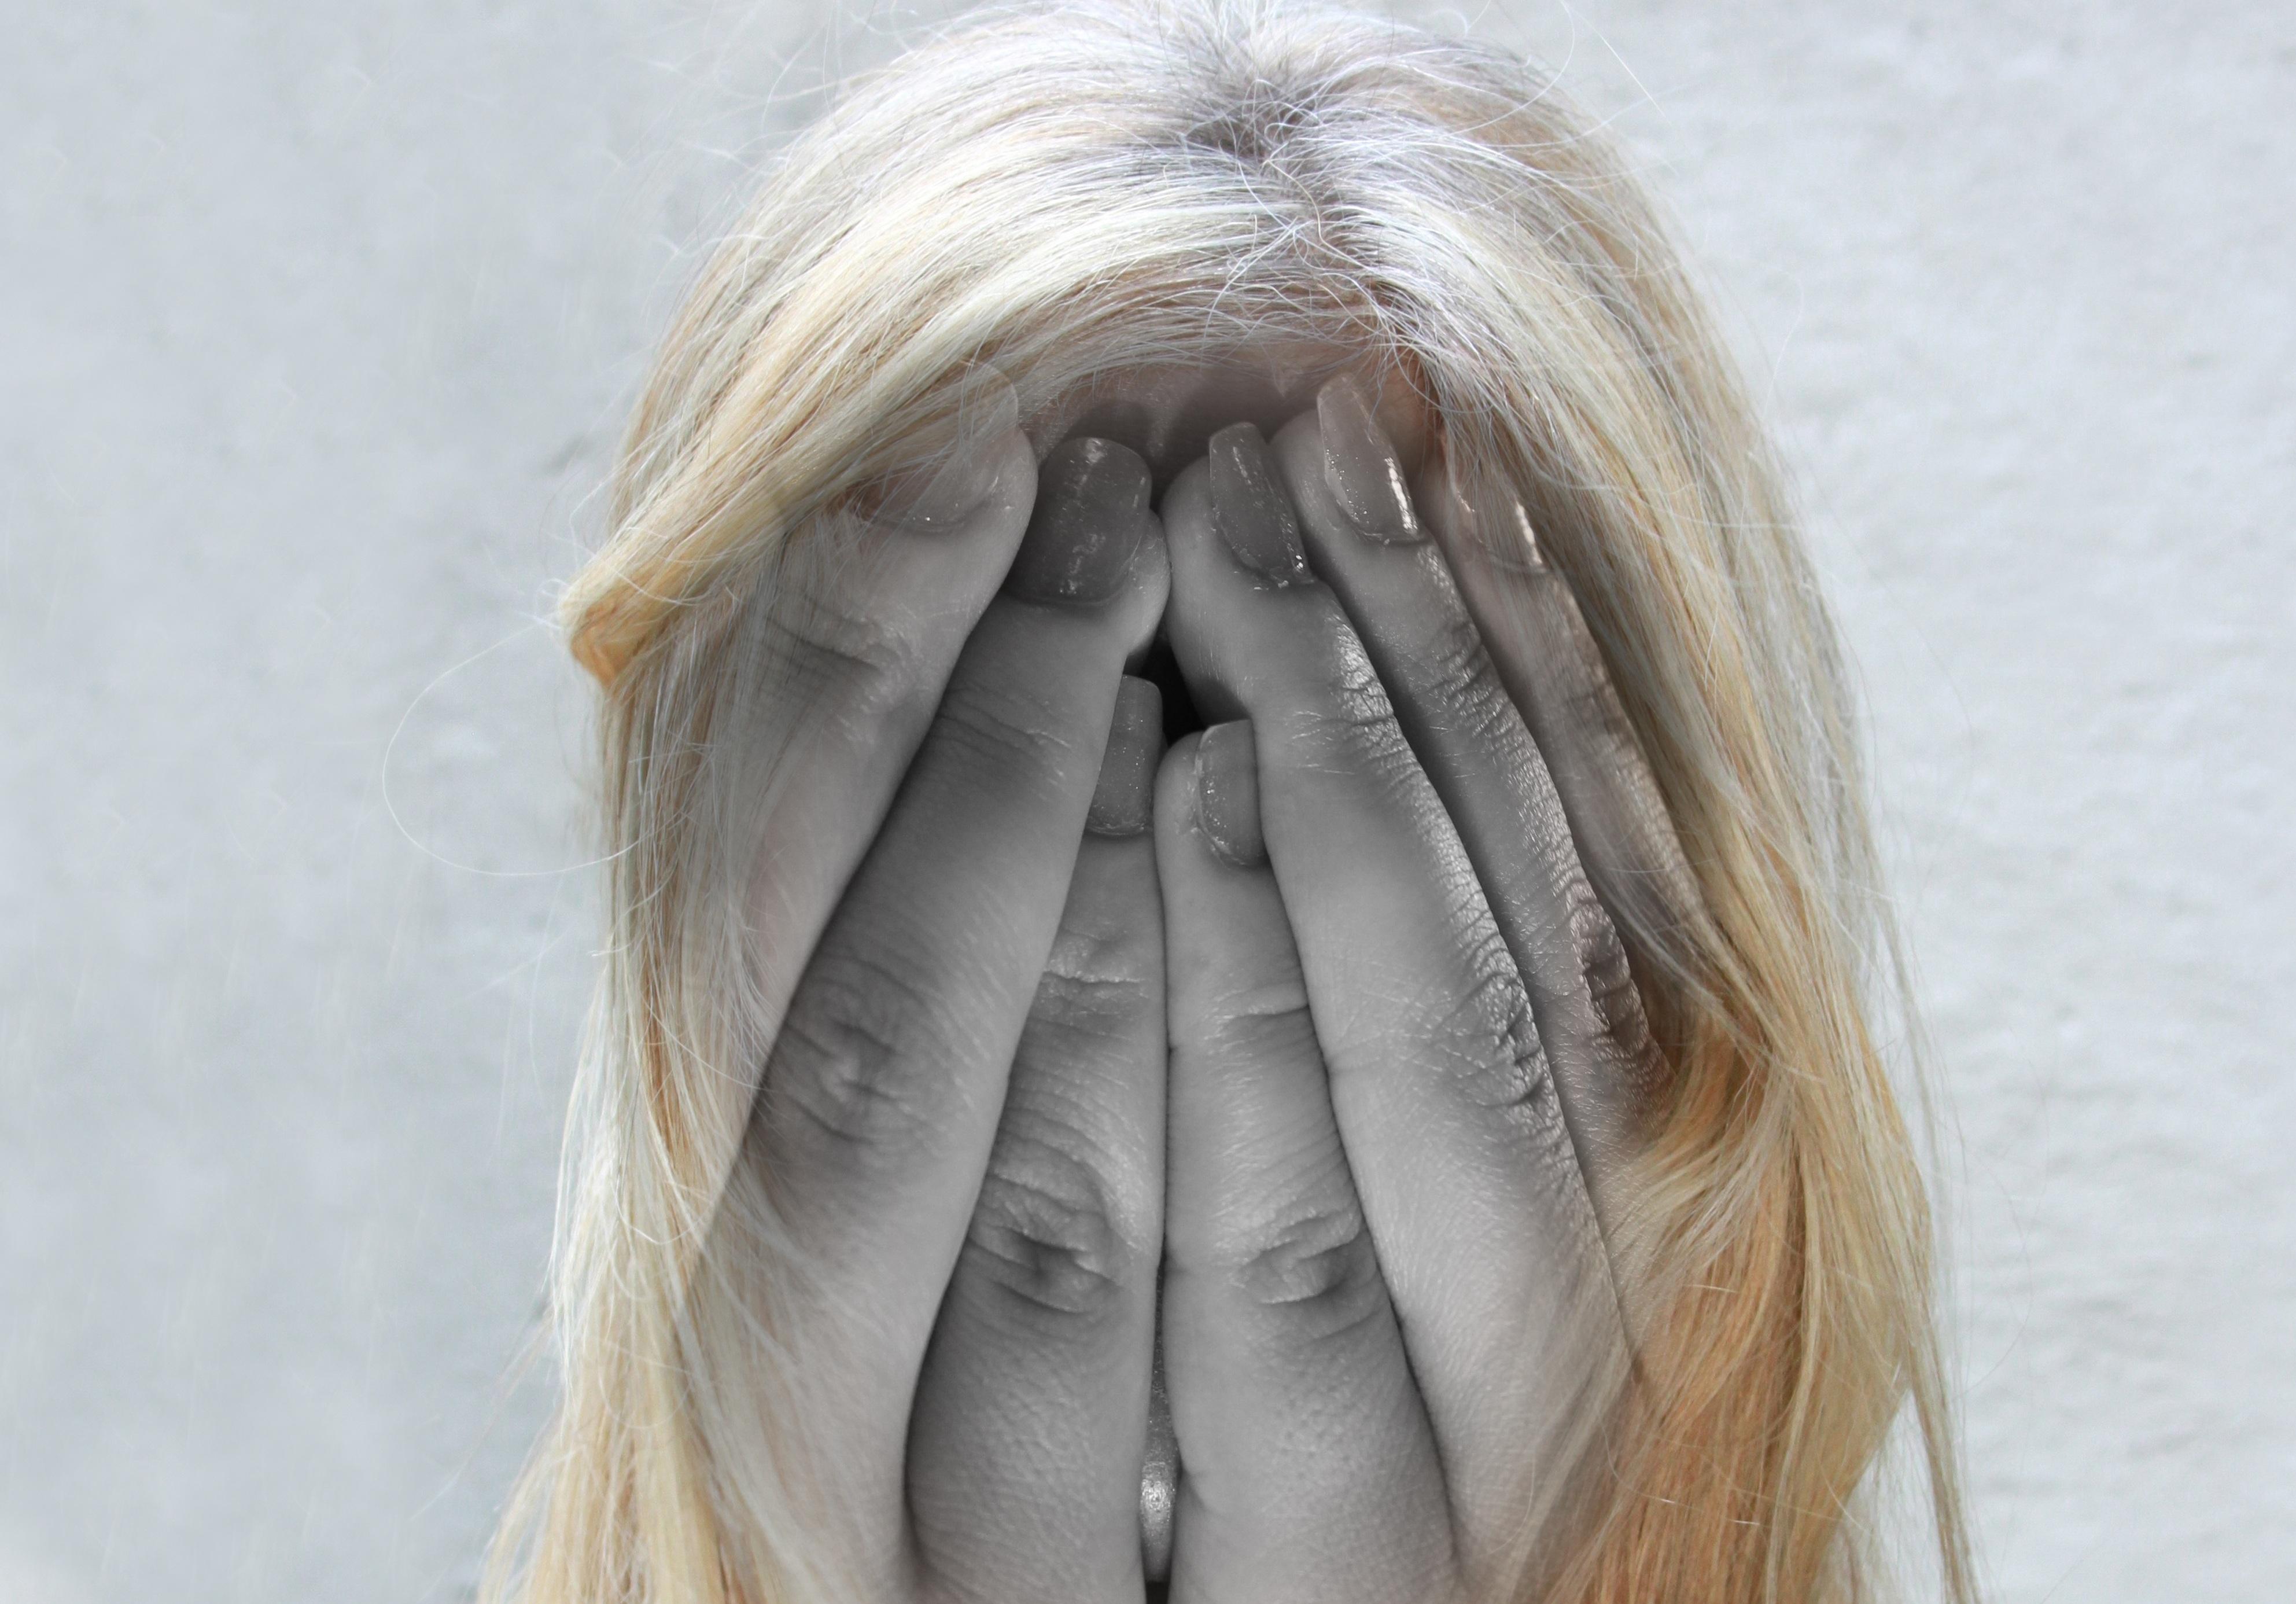 El 45% de los pacientes con esquizofrenia afirma no tener autonomía para tomar decisiones